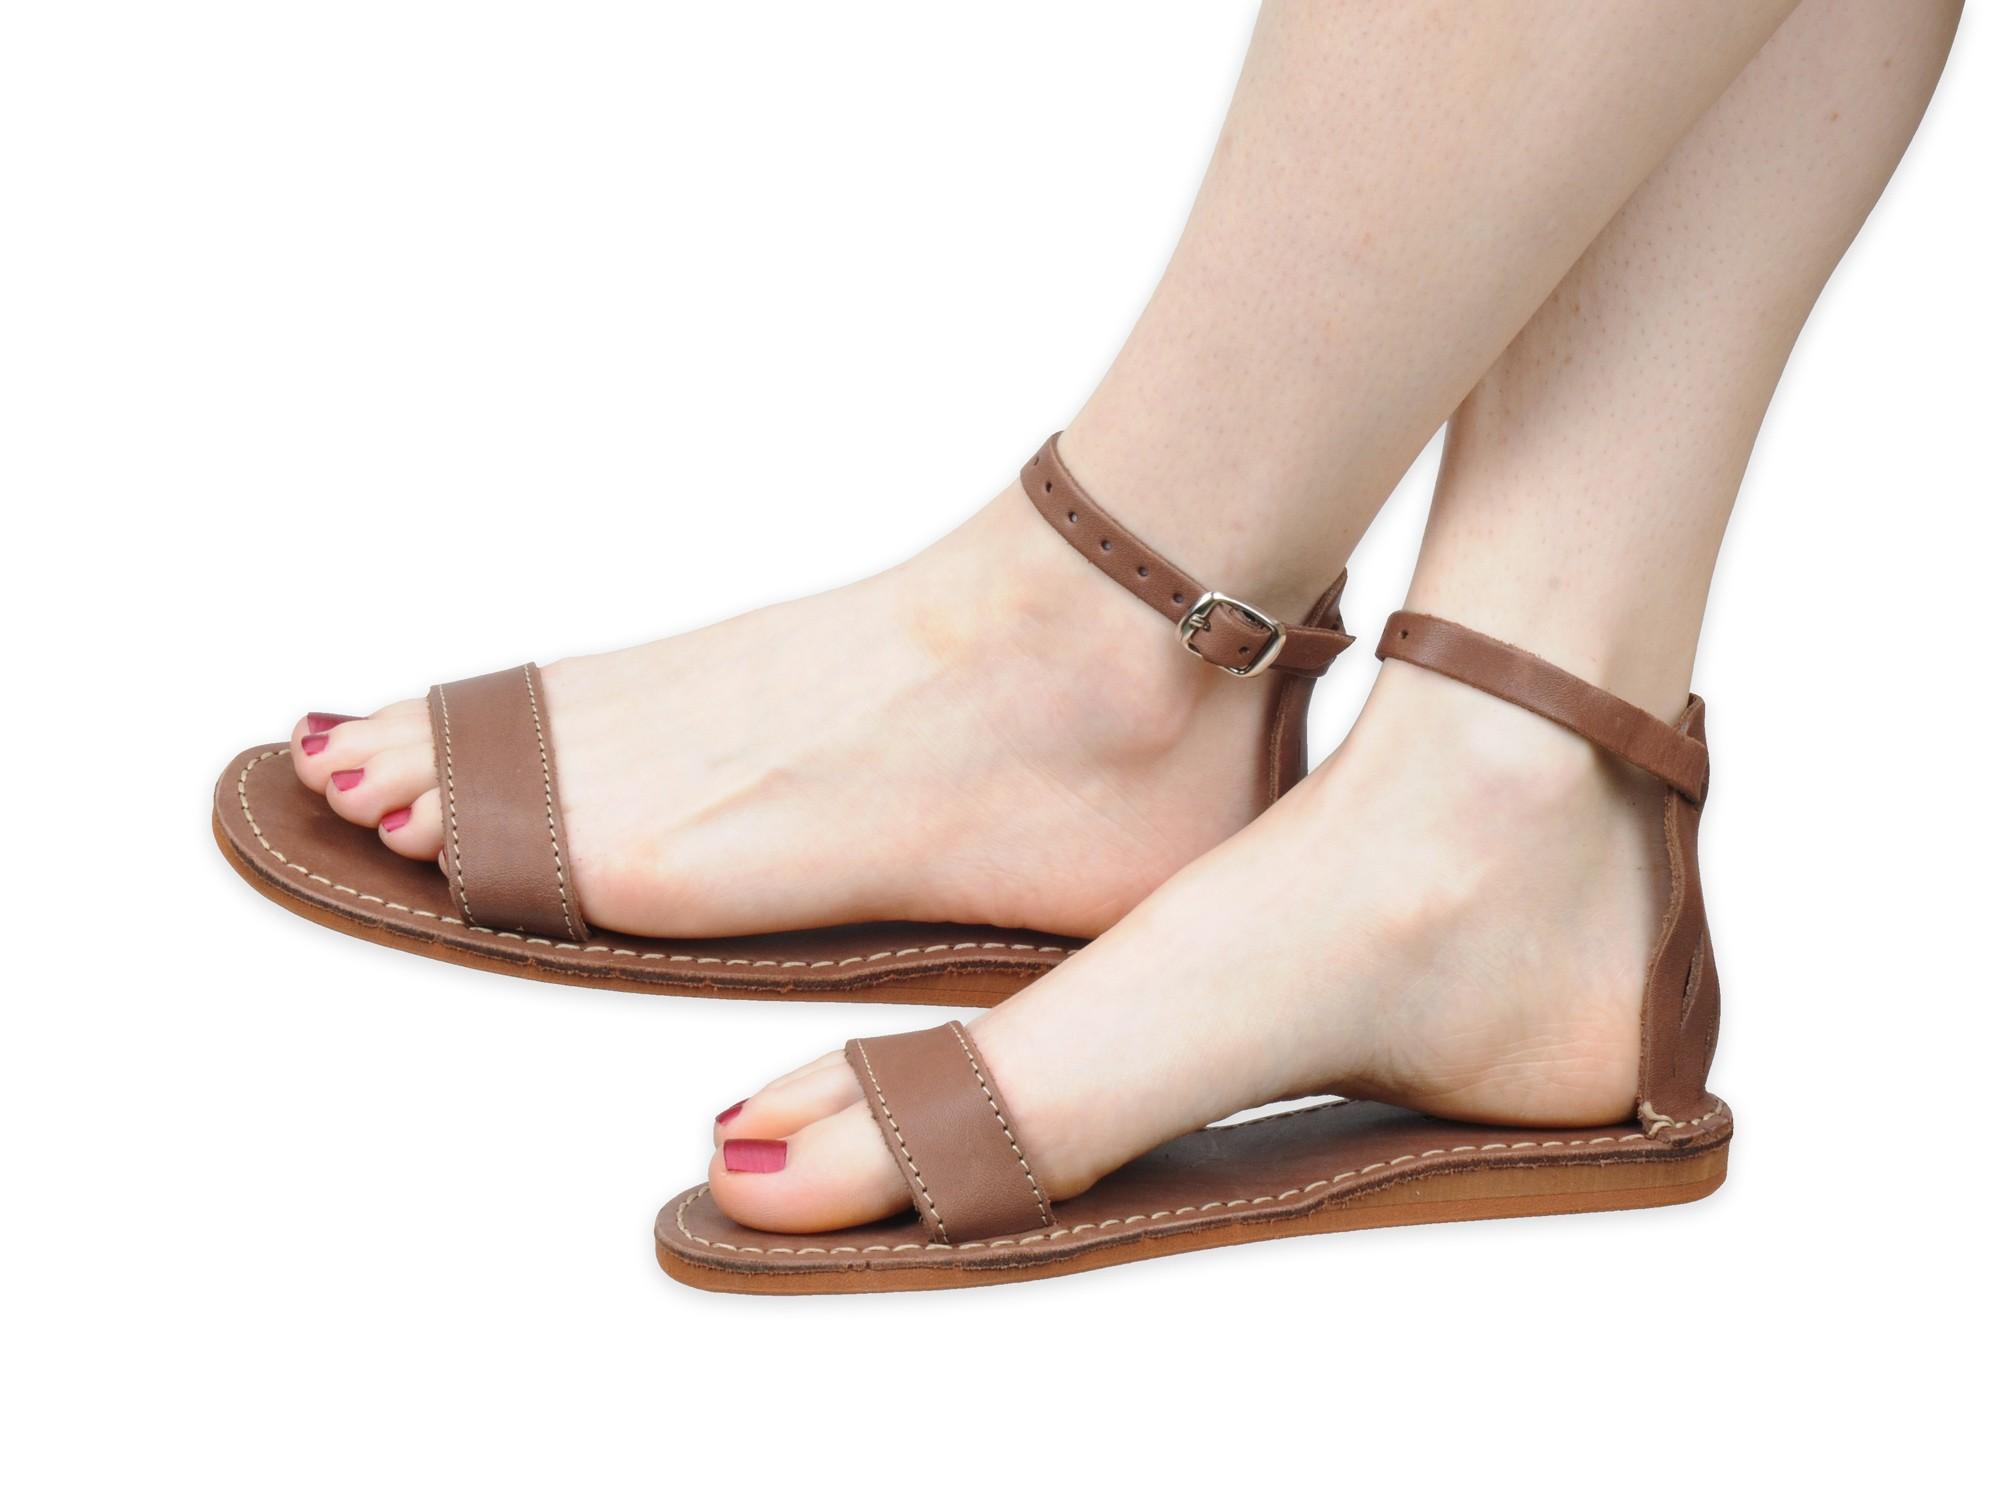 Brązowe sandały damskie gladiatorki skórzane 39